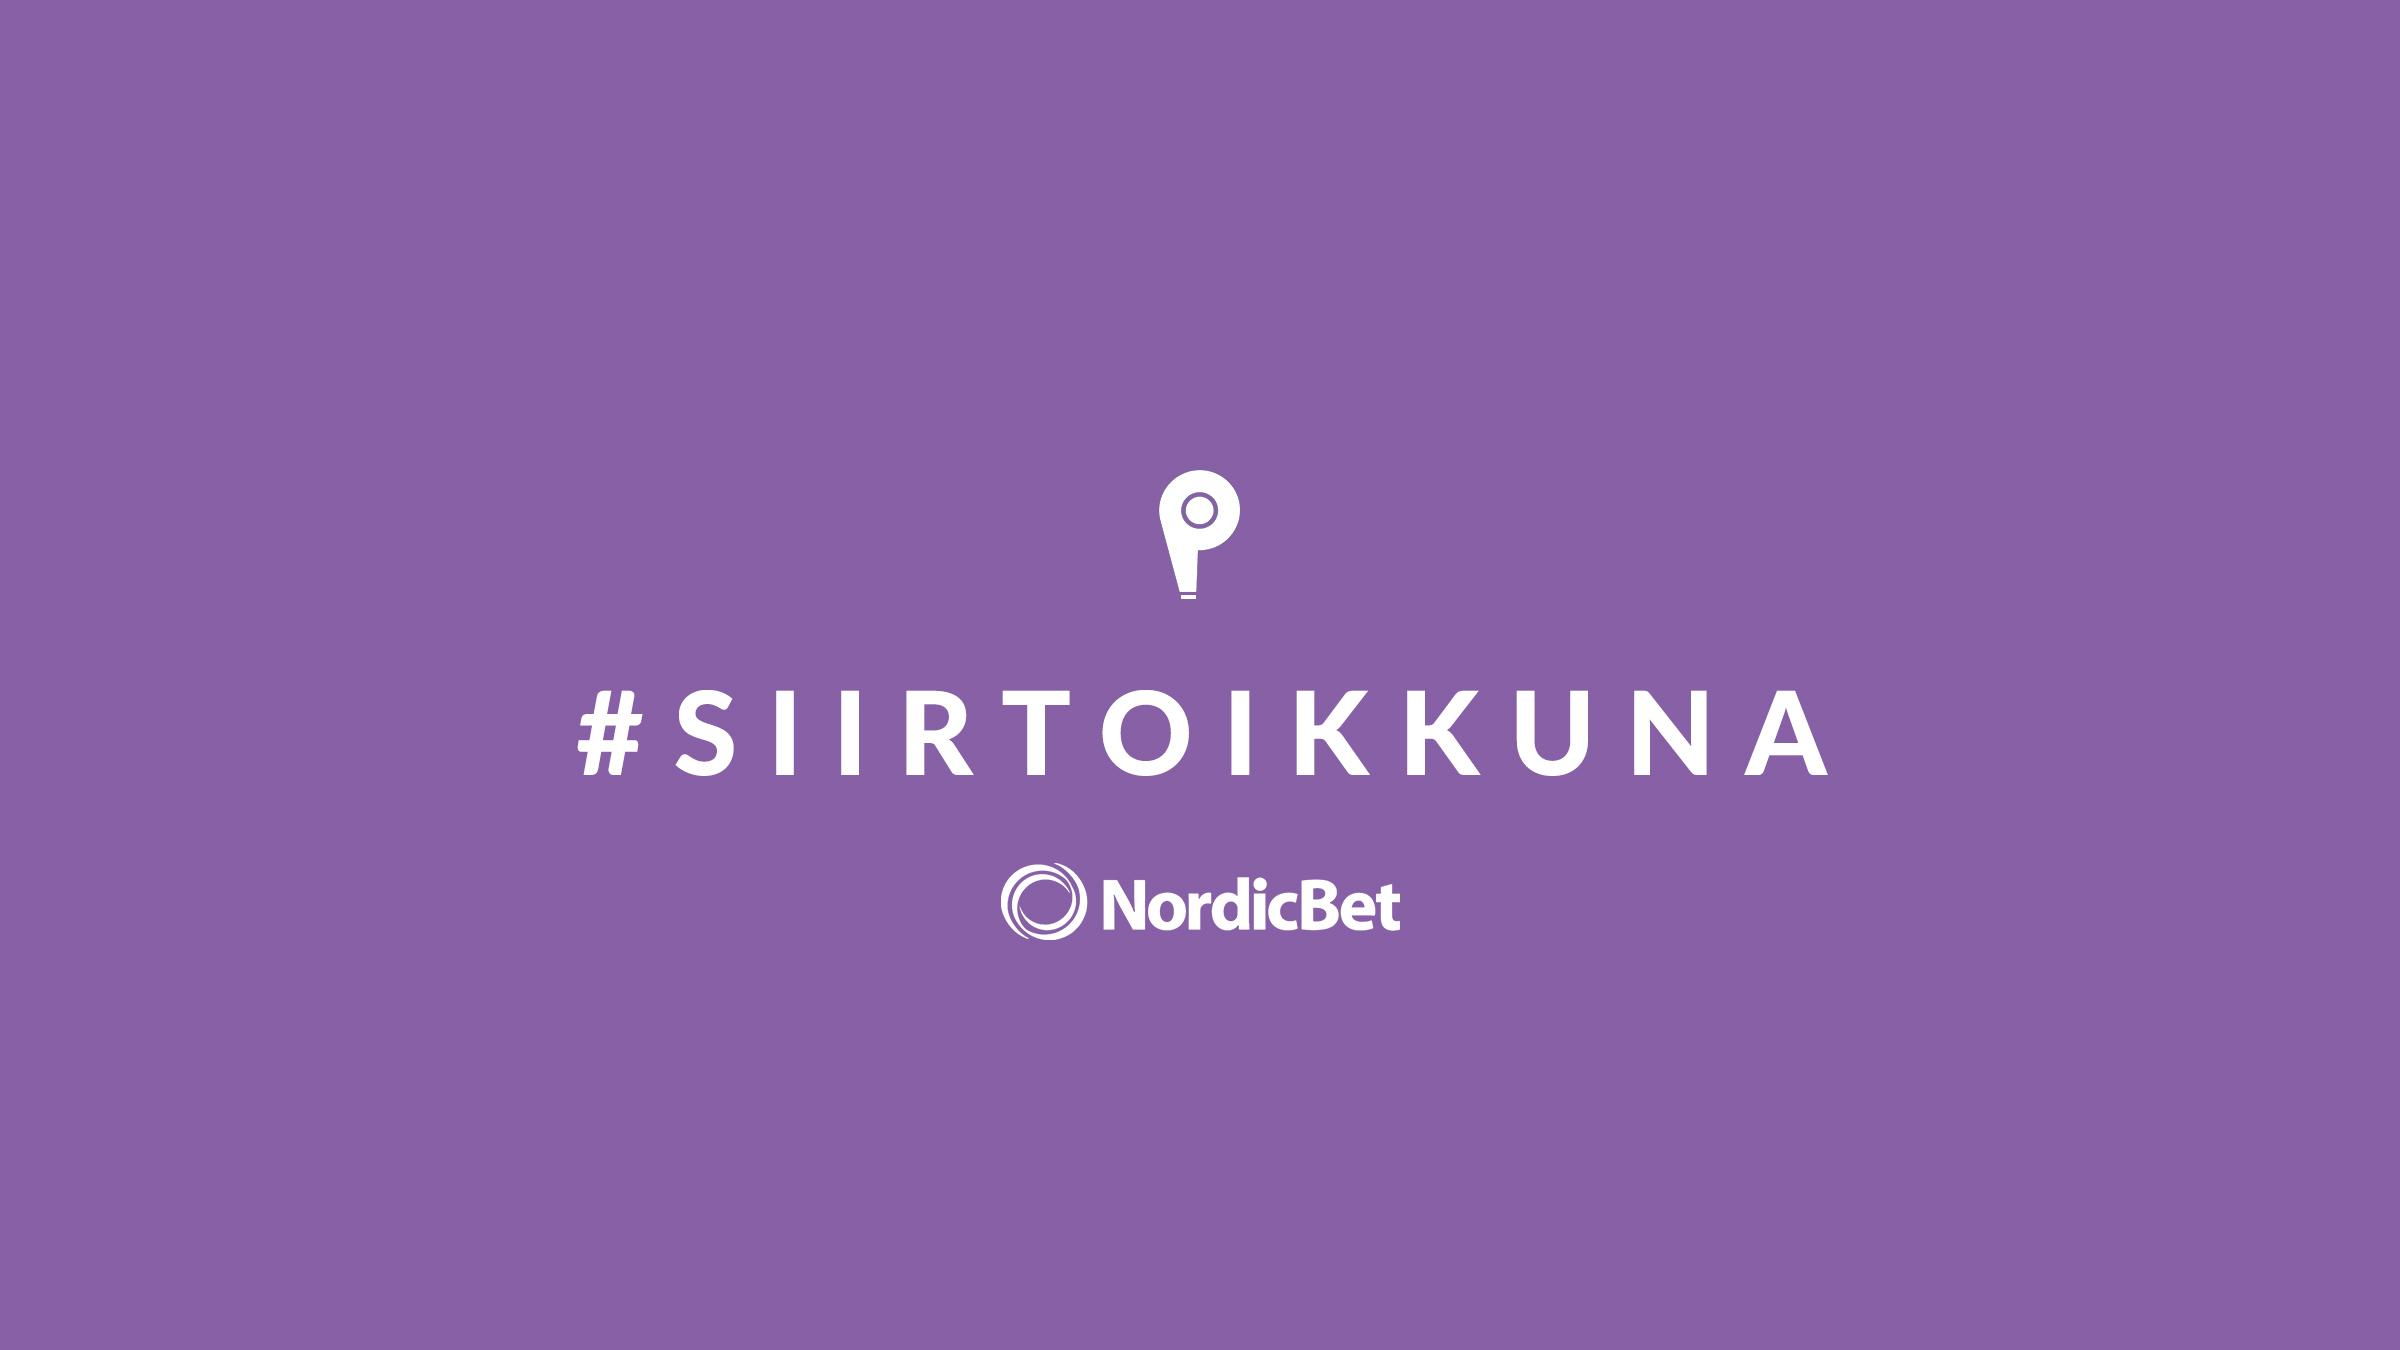 Lue jalkapallon pelaajasiirrot ja siirtouutiset Puoliaika.comista.